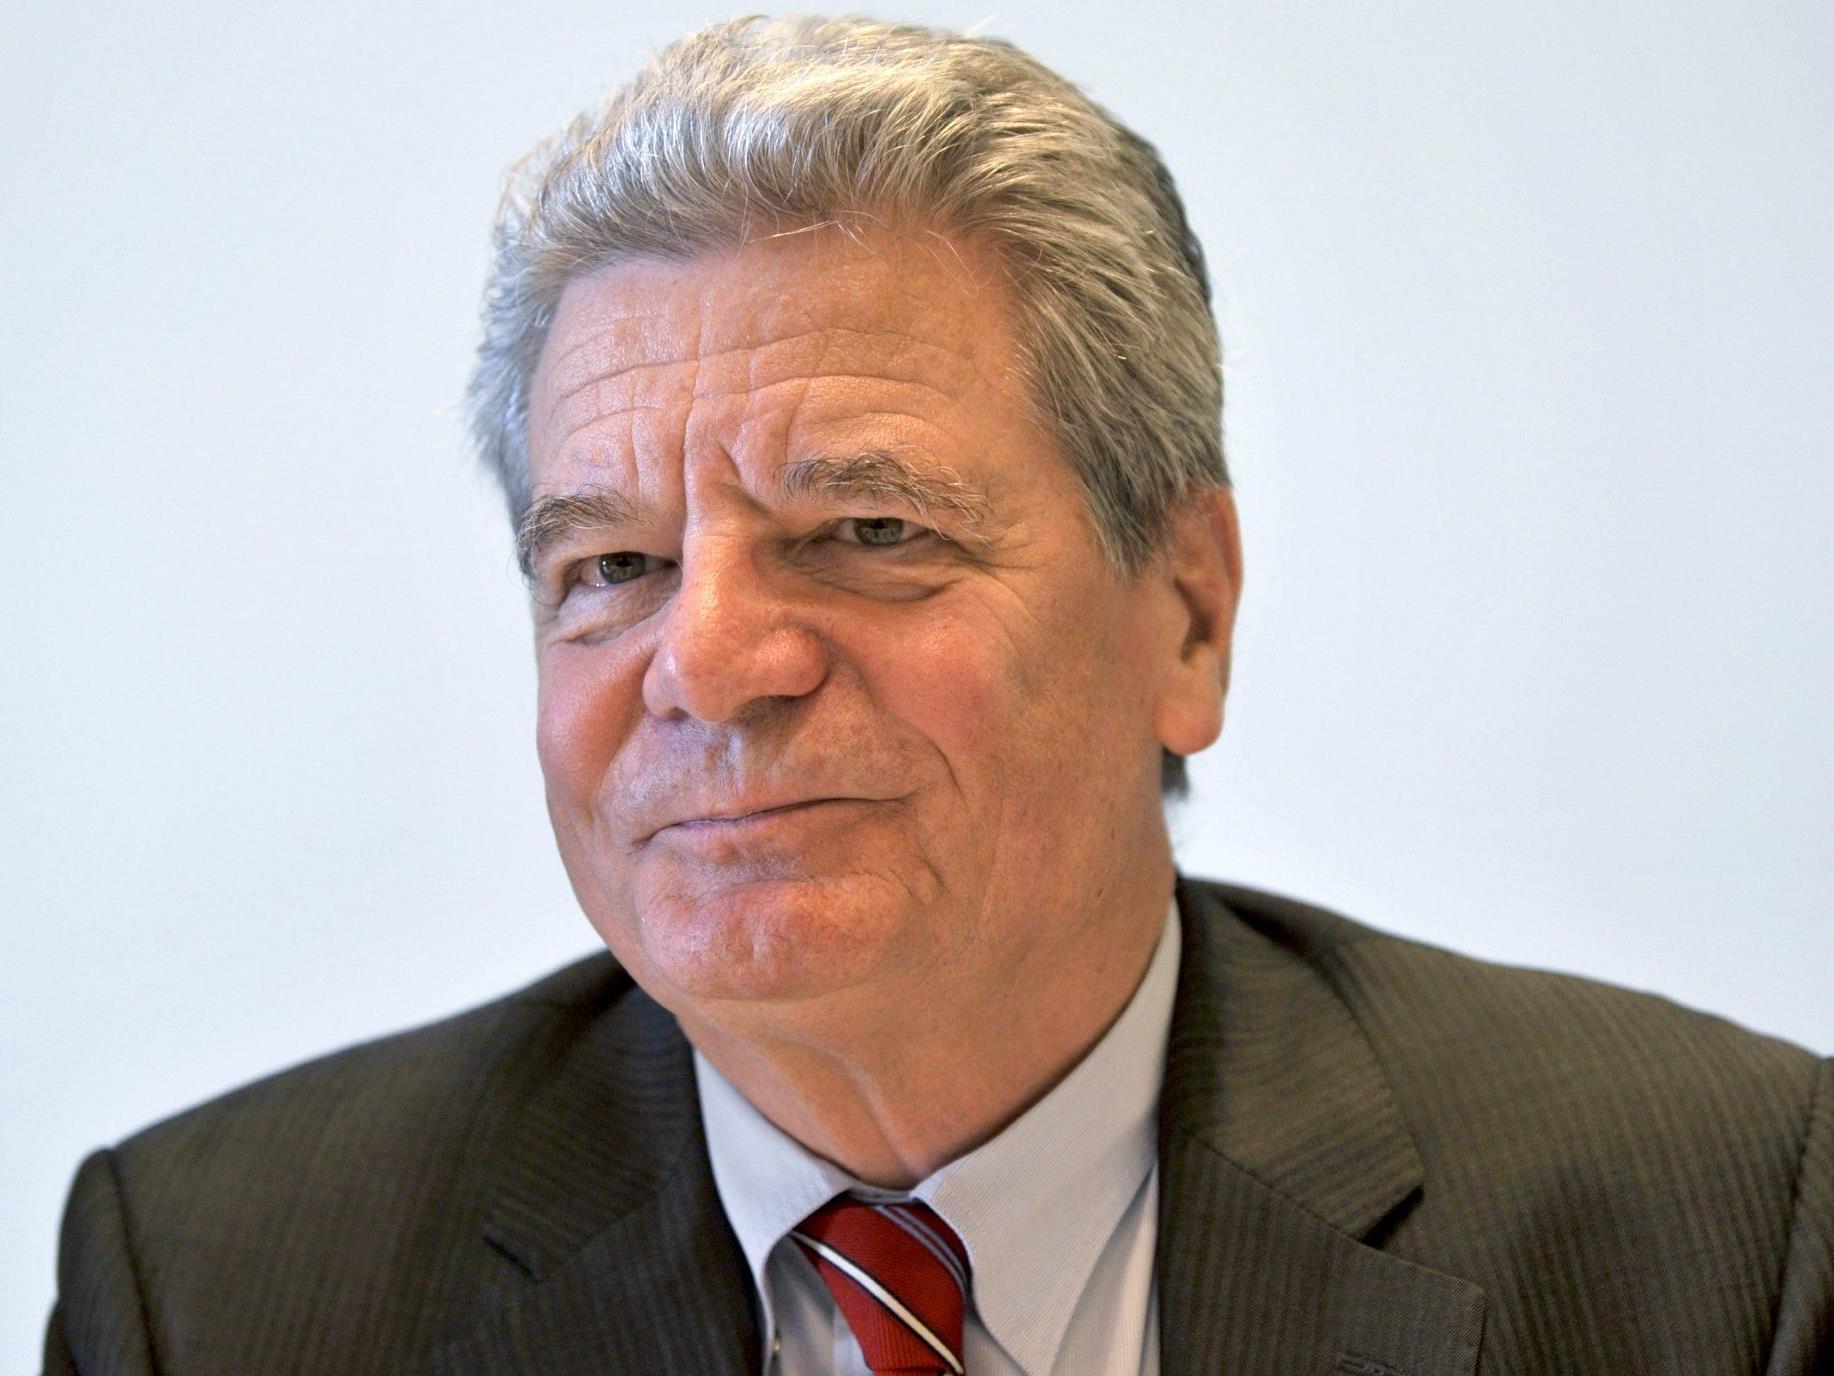 Die Kür Gaucks wird von den politischen Gegnern als schwere Schlappe Merkels gewertet.